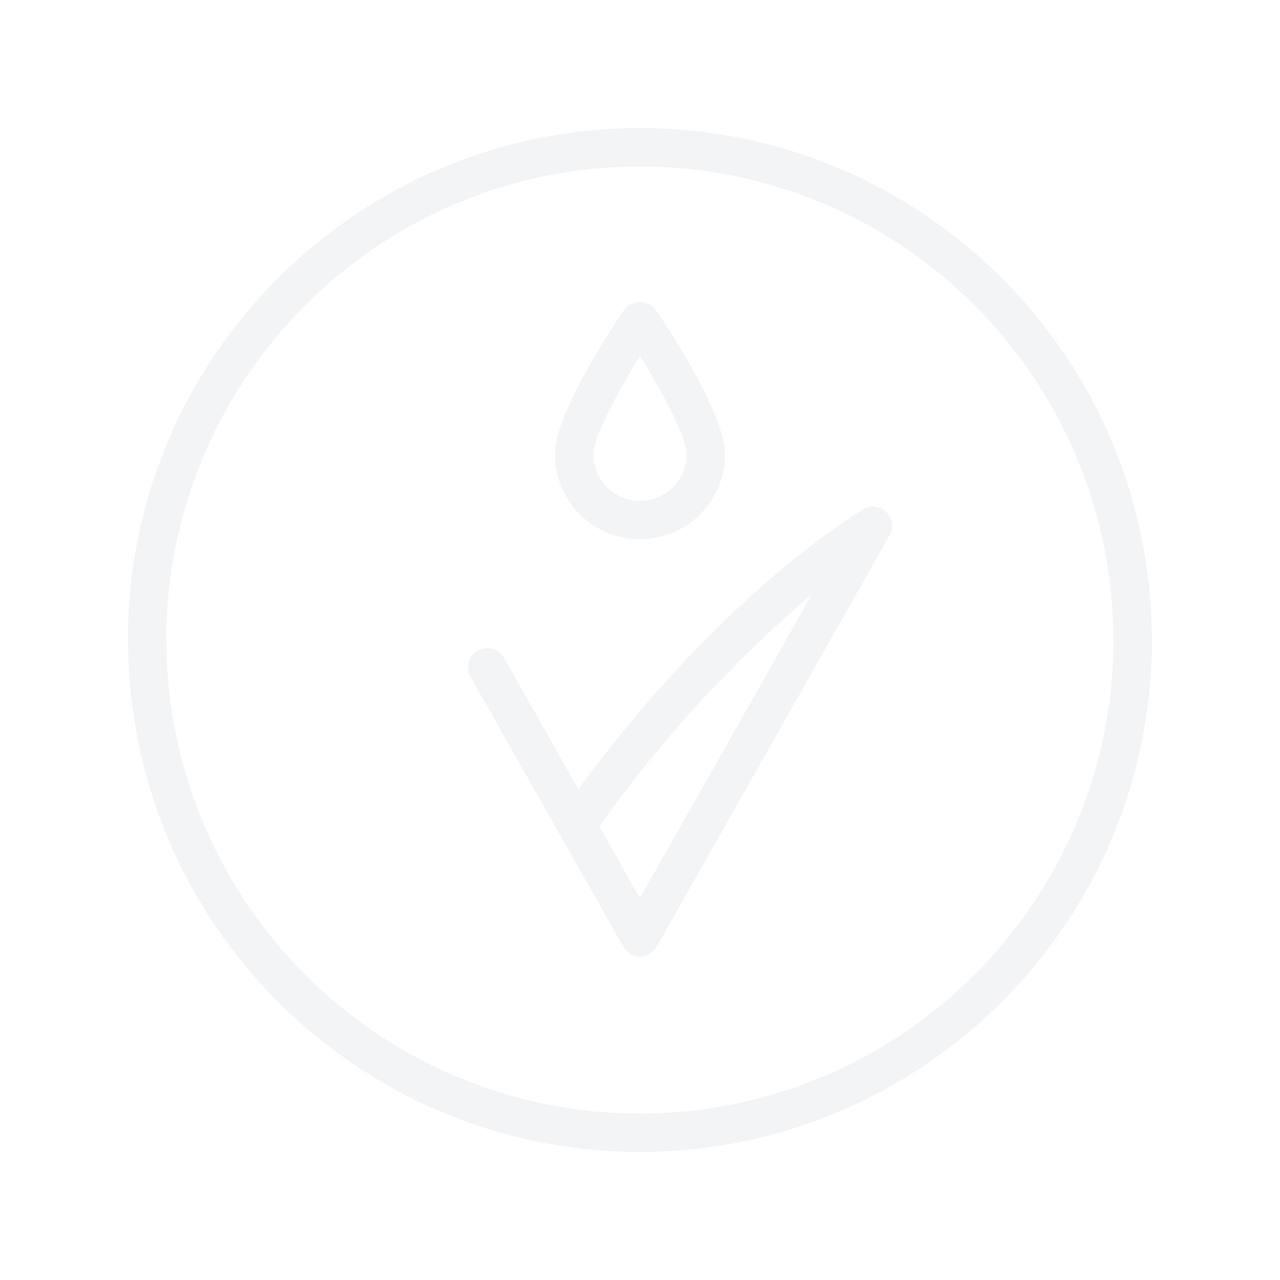 Versace Man Eau Fraiche 30ml Eau De Toilette комплект